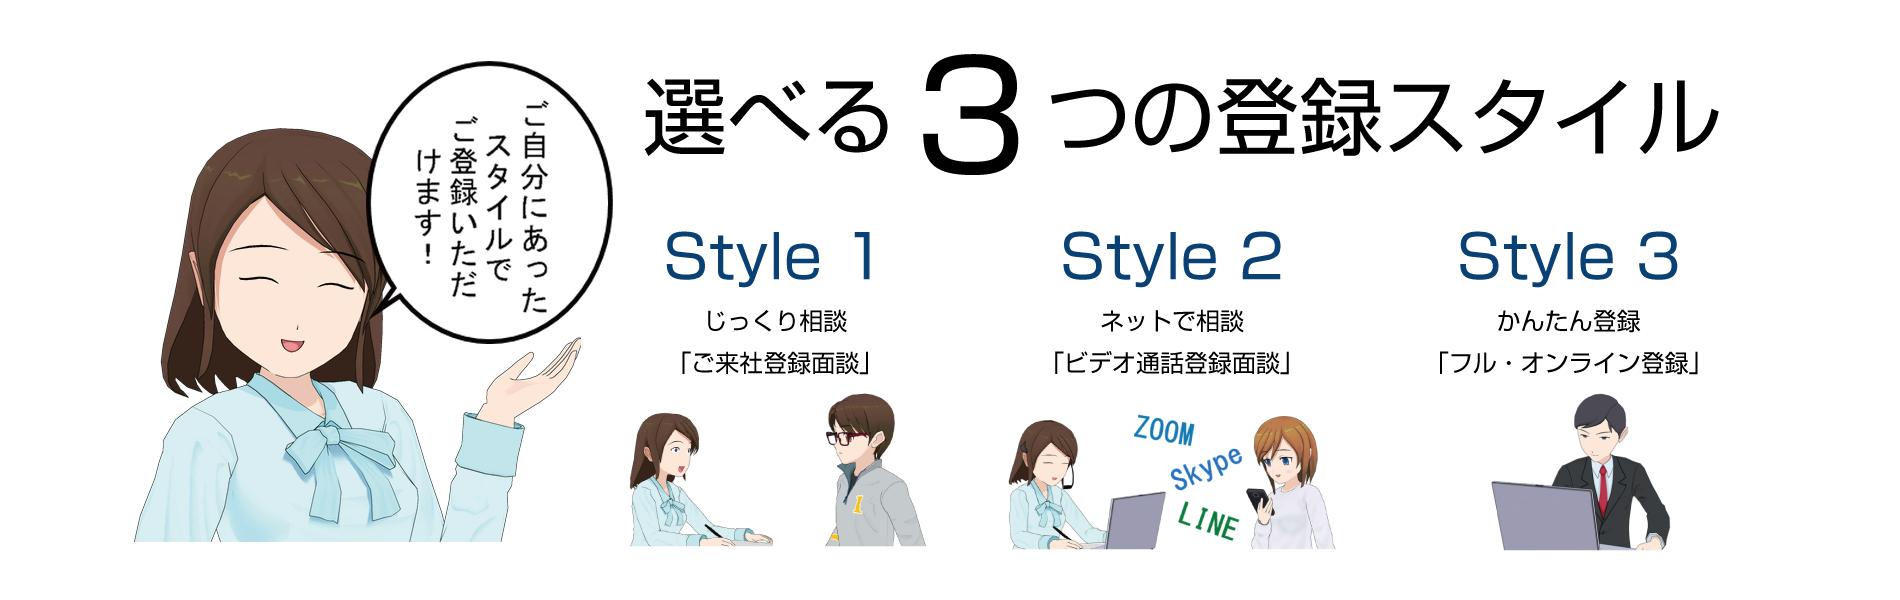 選べる3つの登録スタイル「Style1 じっくり相談 ご来社面談登録」「Style2 ネットで相談 ビデオ通話登録面談」「Style3 かんたん登録 フル・オンライン登録」